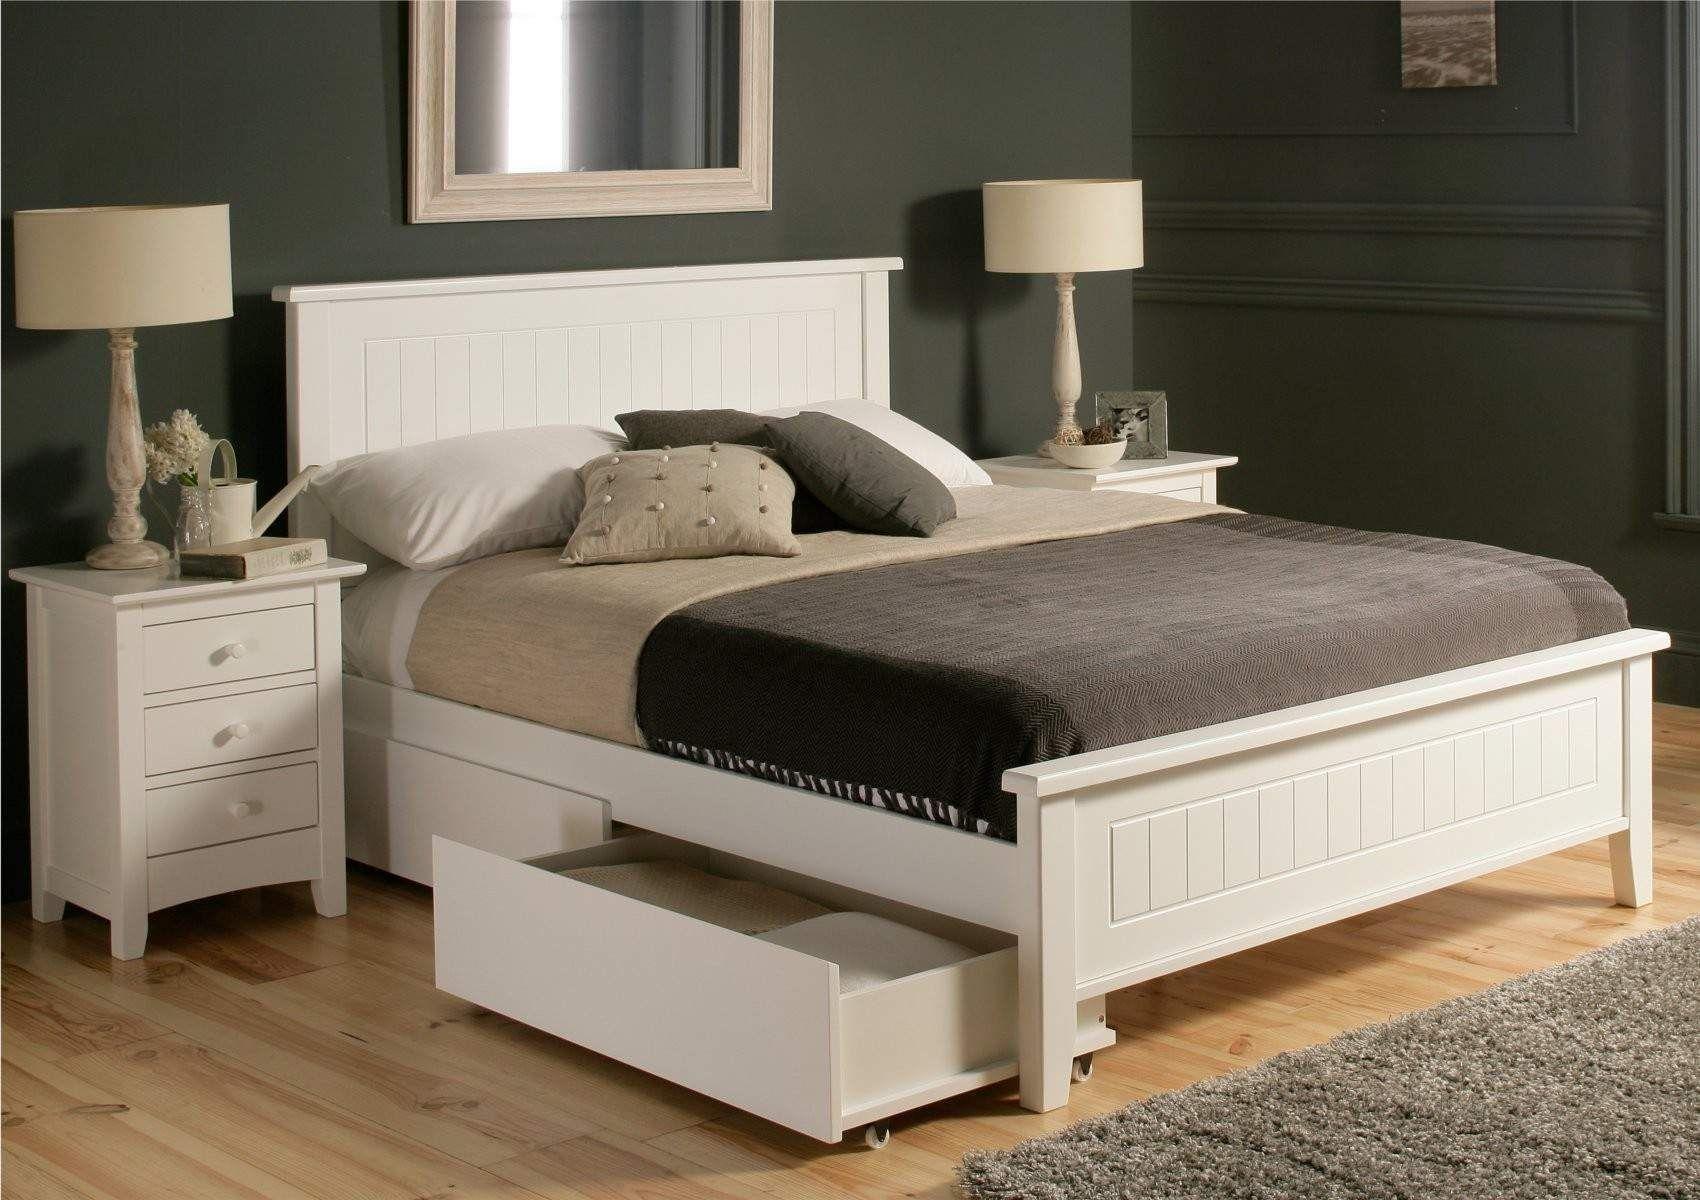 furniture black leather platform bed White wooden bed